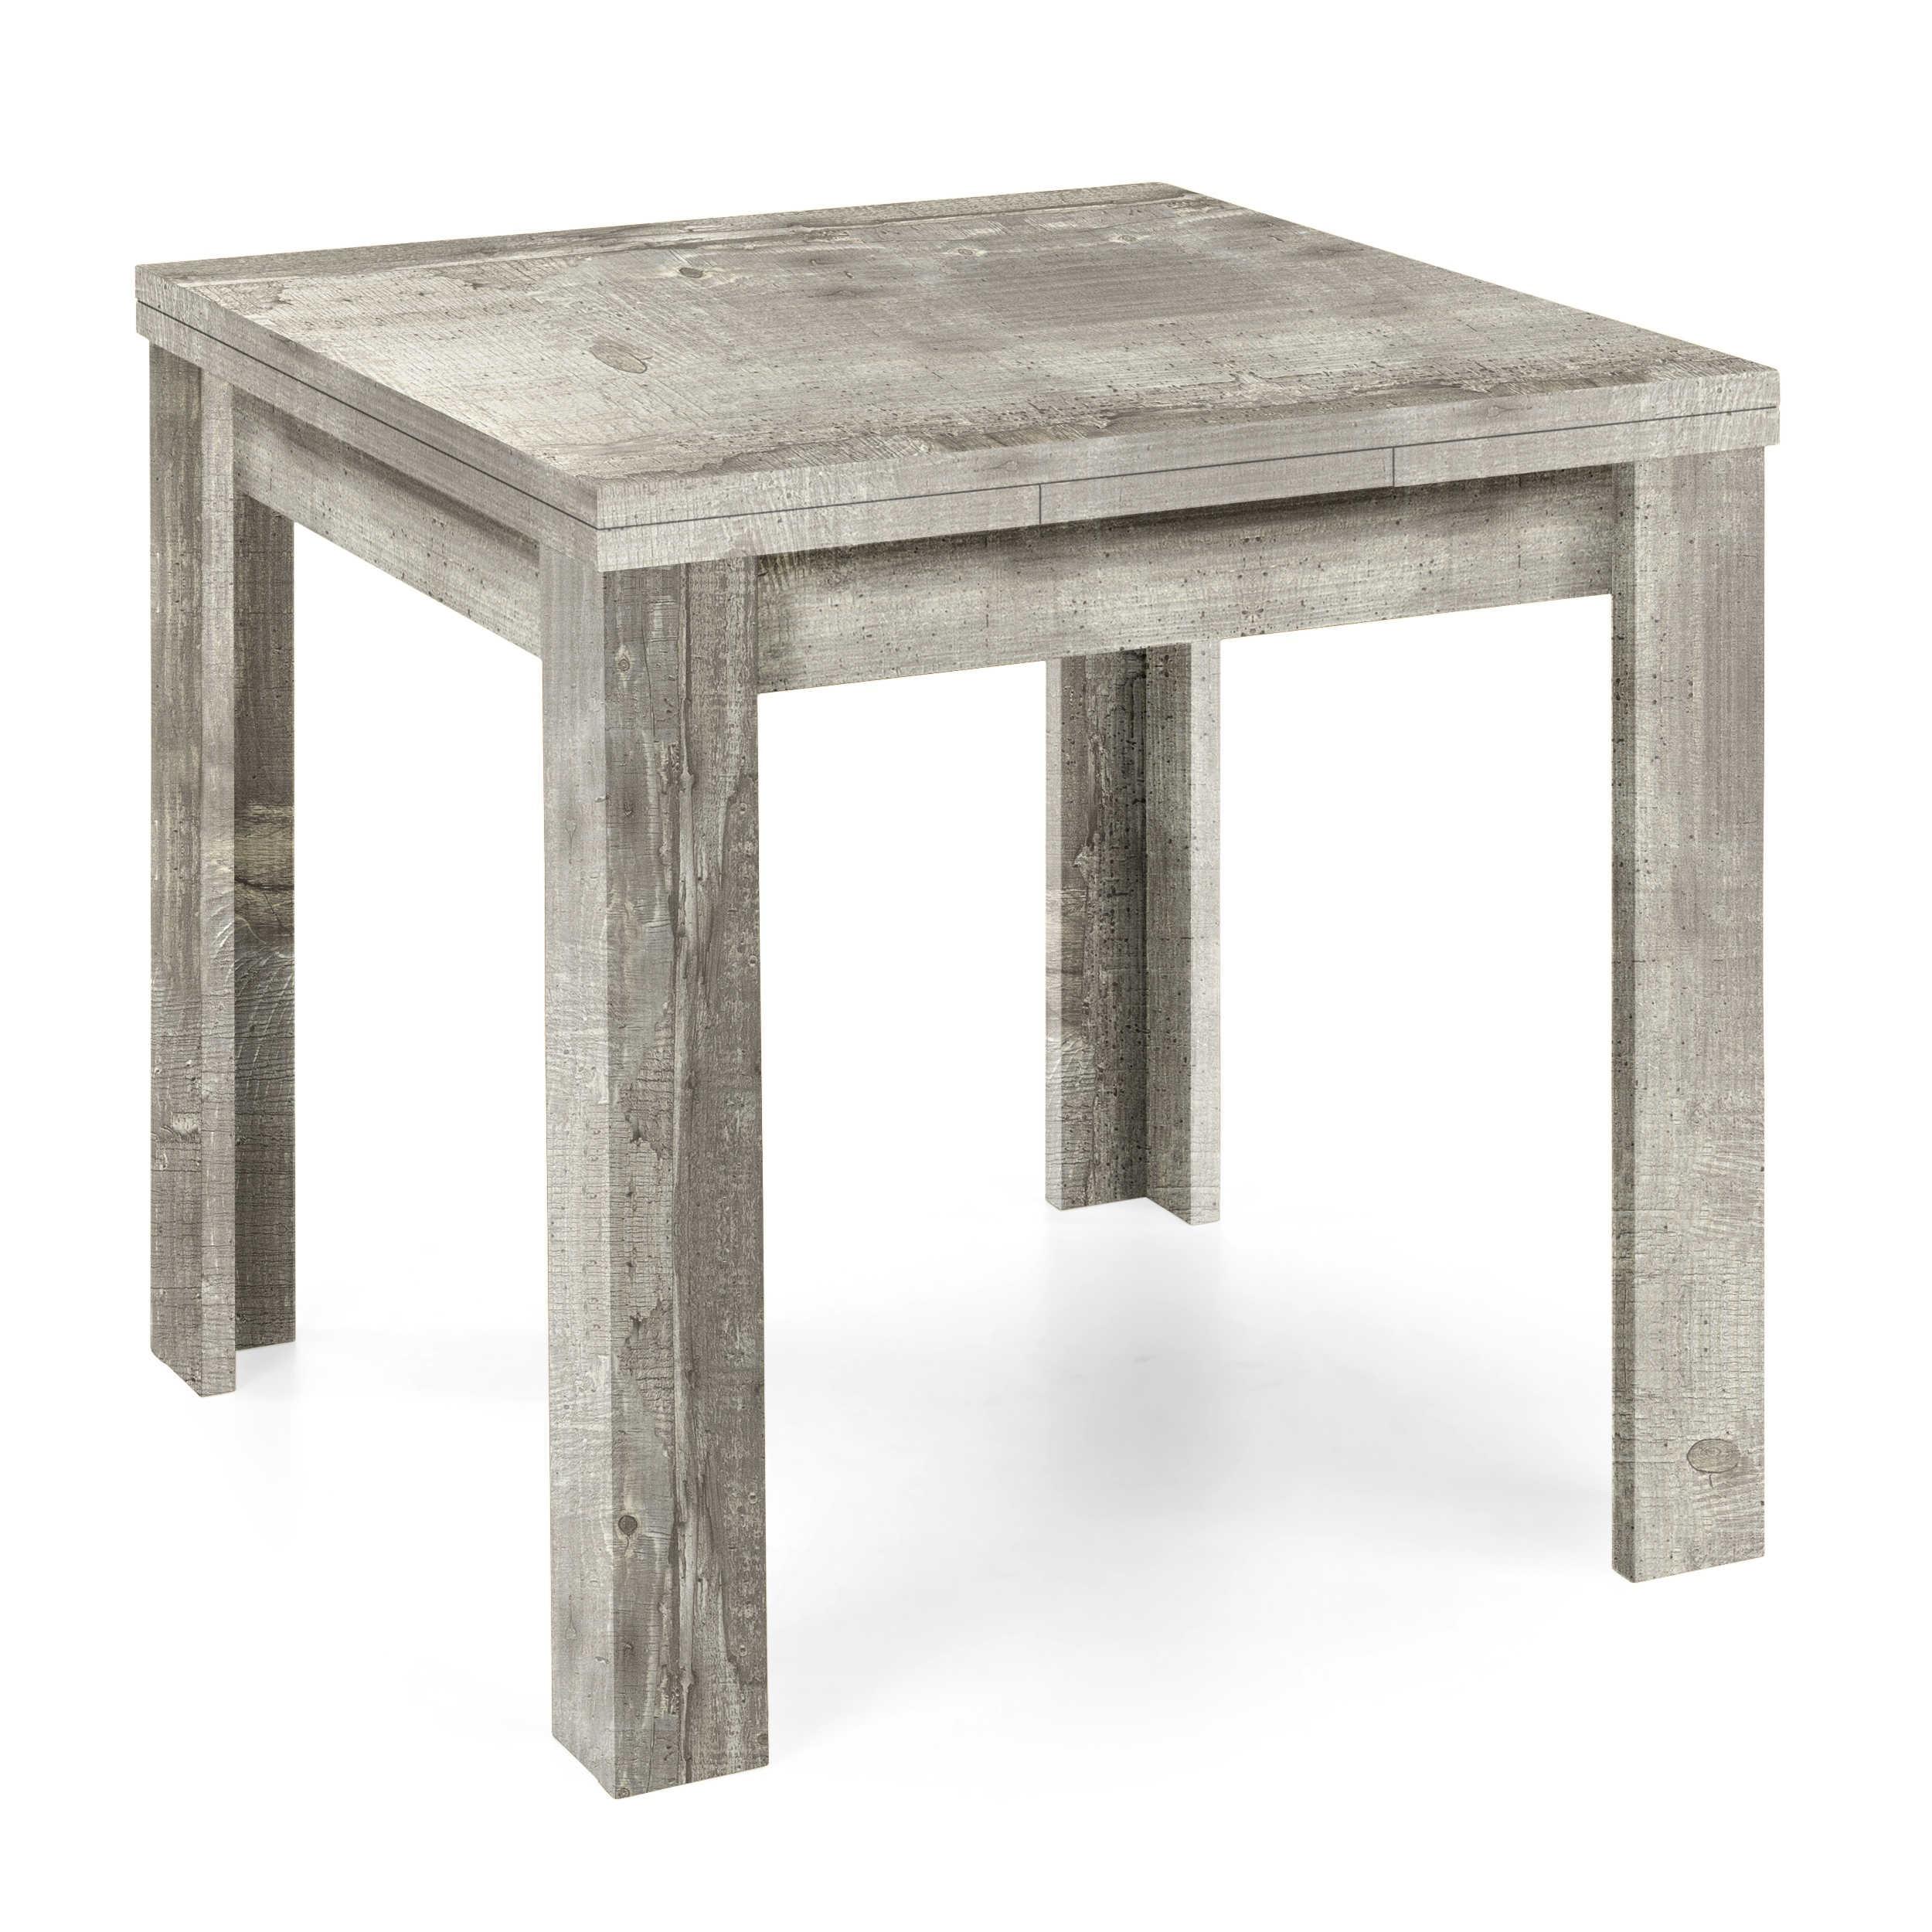 m usbacher esstisch mit auszug roma 80 136 x 80 cm grau kunststoff online kaufen bei woonio. Black Bedroom Furniture Sets. Home Design Ideas